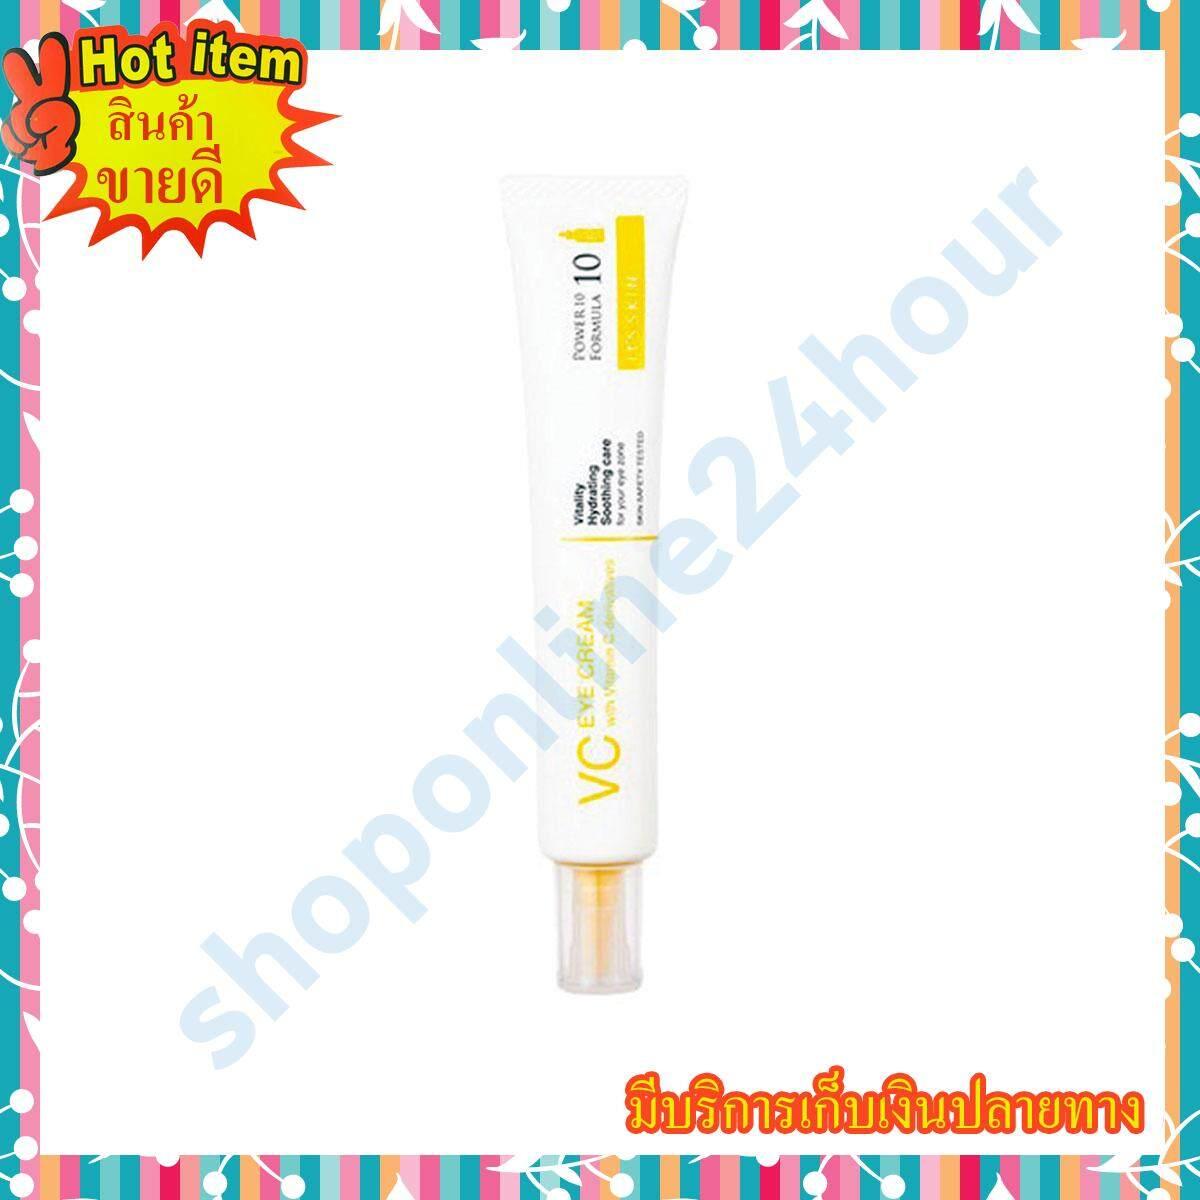 Its Skin Power 10 Formula VC Eye Cream 30ml อายครีมที่ช่วยลดความหมองคล้ำ ผิวรอบดวงตาสว่างกระจ่างใส